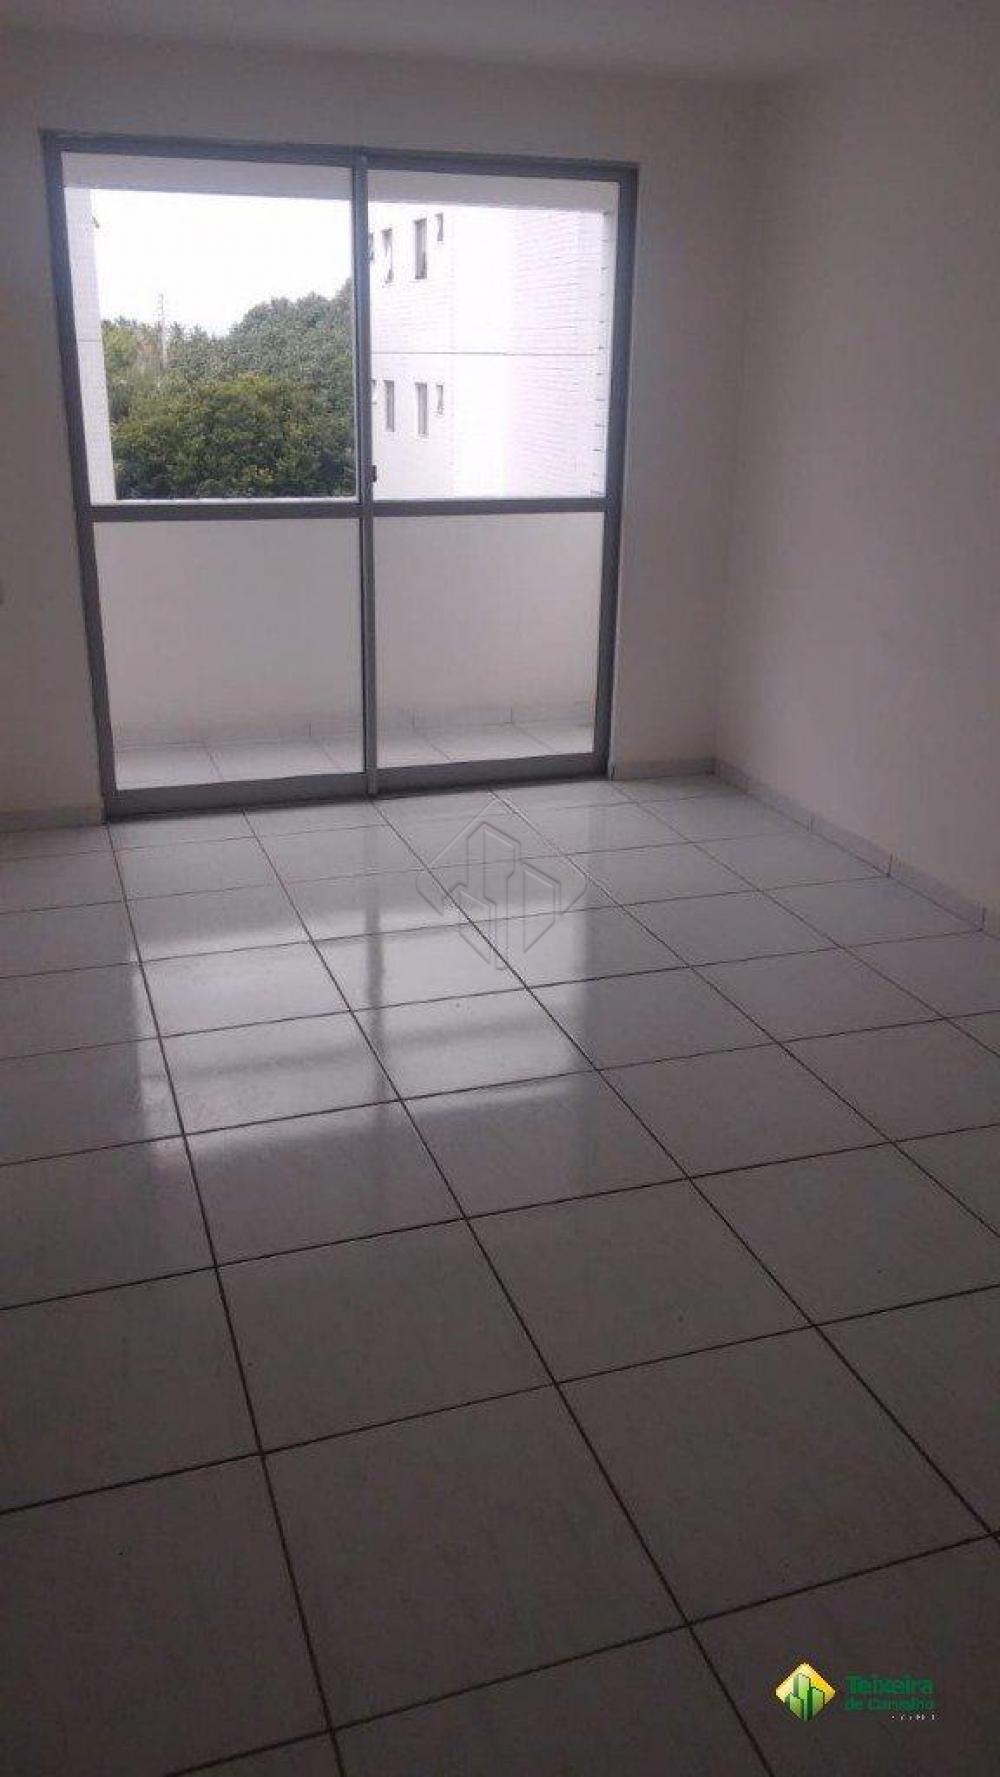 Comprar Apartamento / Padrão em João Pessoa apenas R$ 150.000,00 - Foto 18